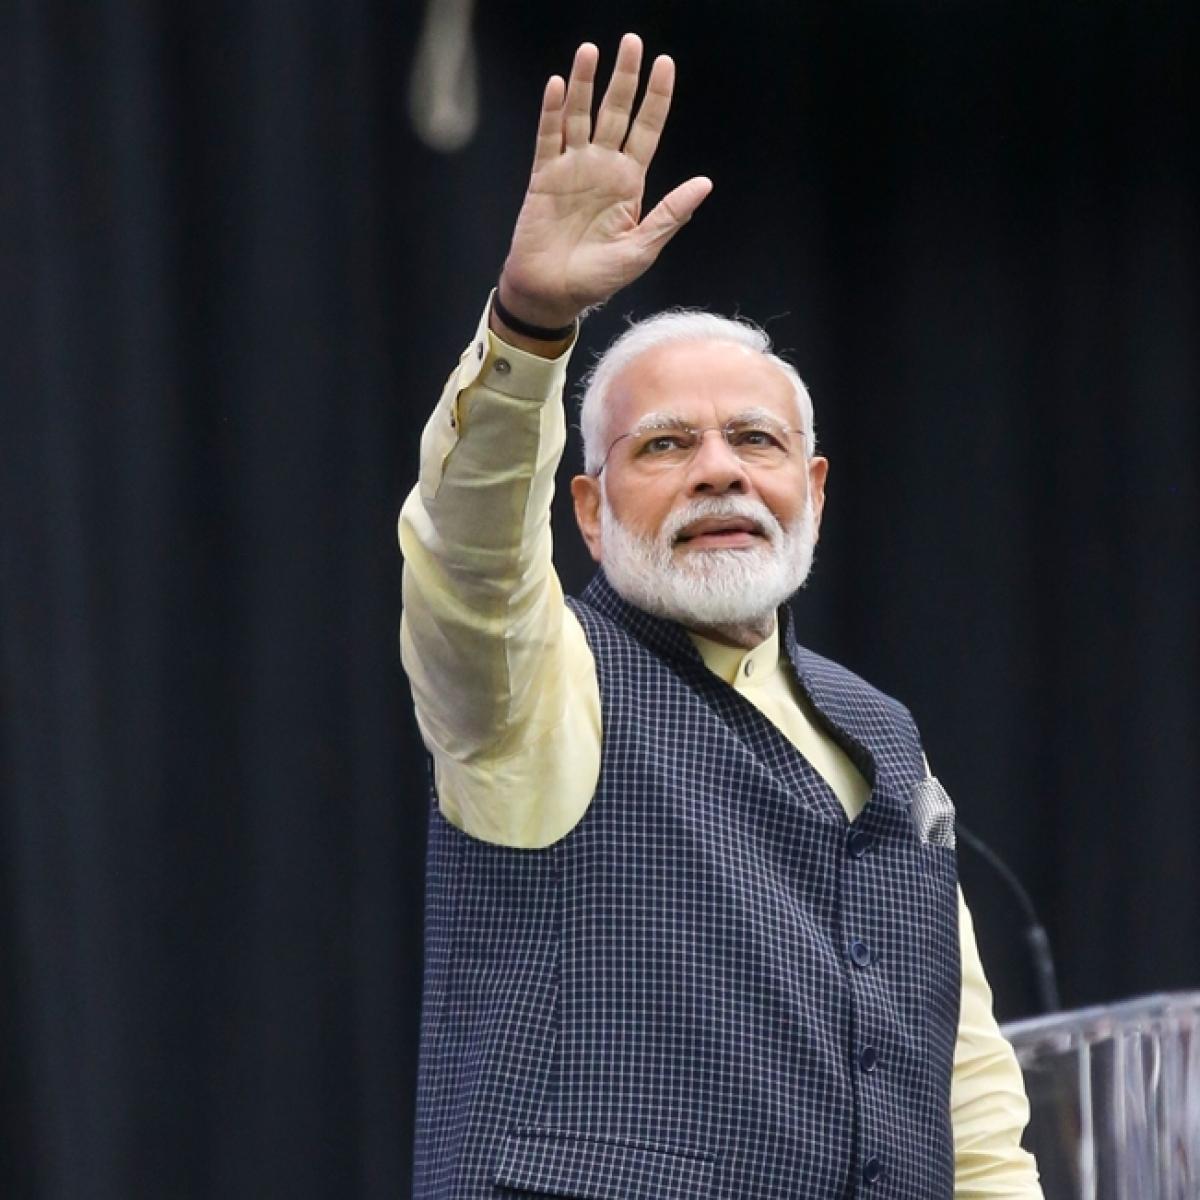 PM Modi congratulates Gen Rawat over CDS appointment, calls it a 'momentous reform'